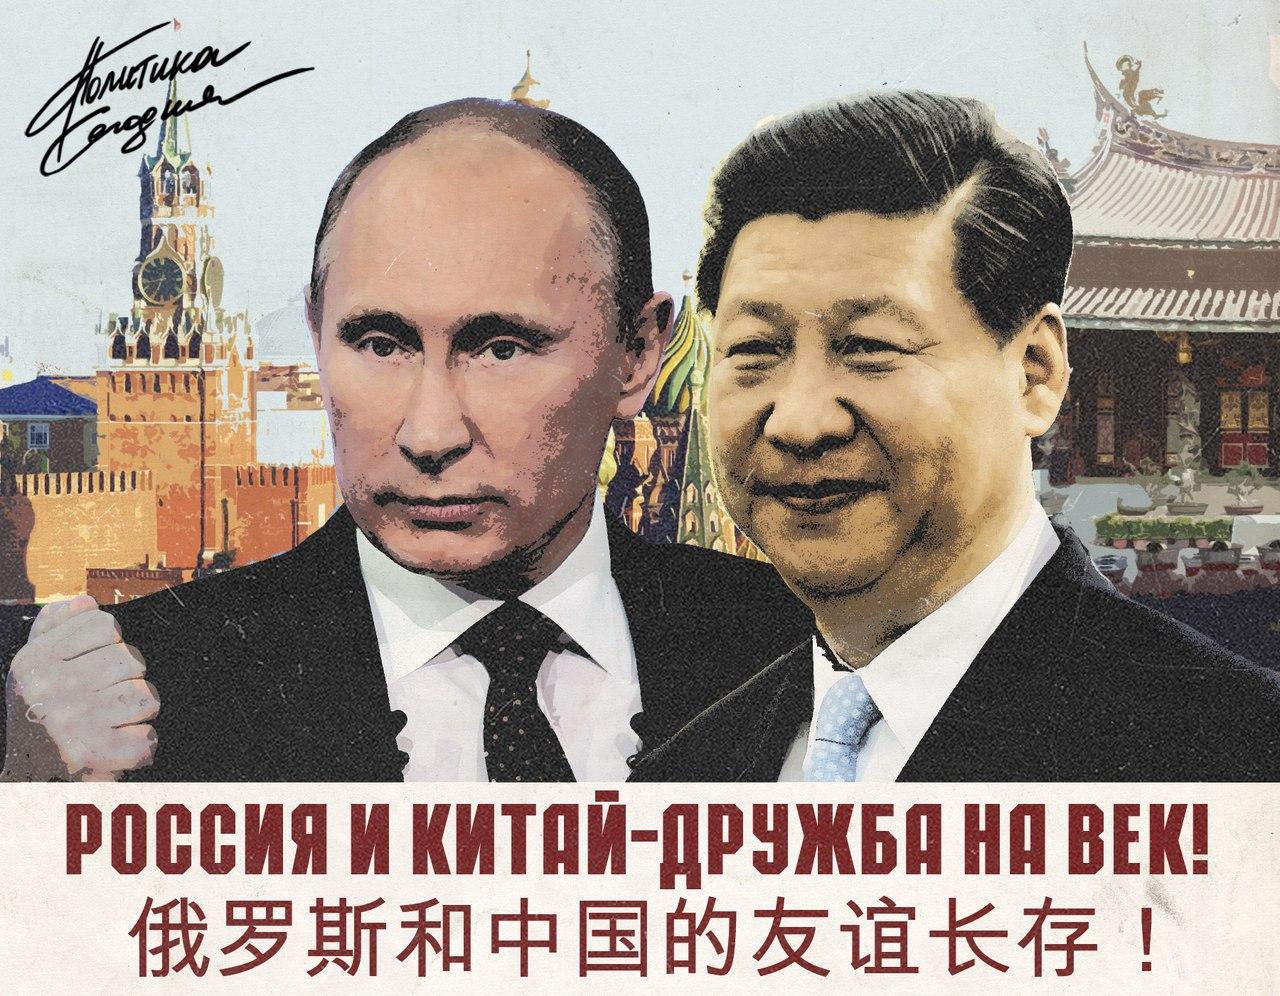 """Санкции дают возможность Путину играть """"жертву"""" англо-саксонского мира и наращивать силы, равные США, - Сорос - Цензор.НЕТ 9449"""